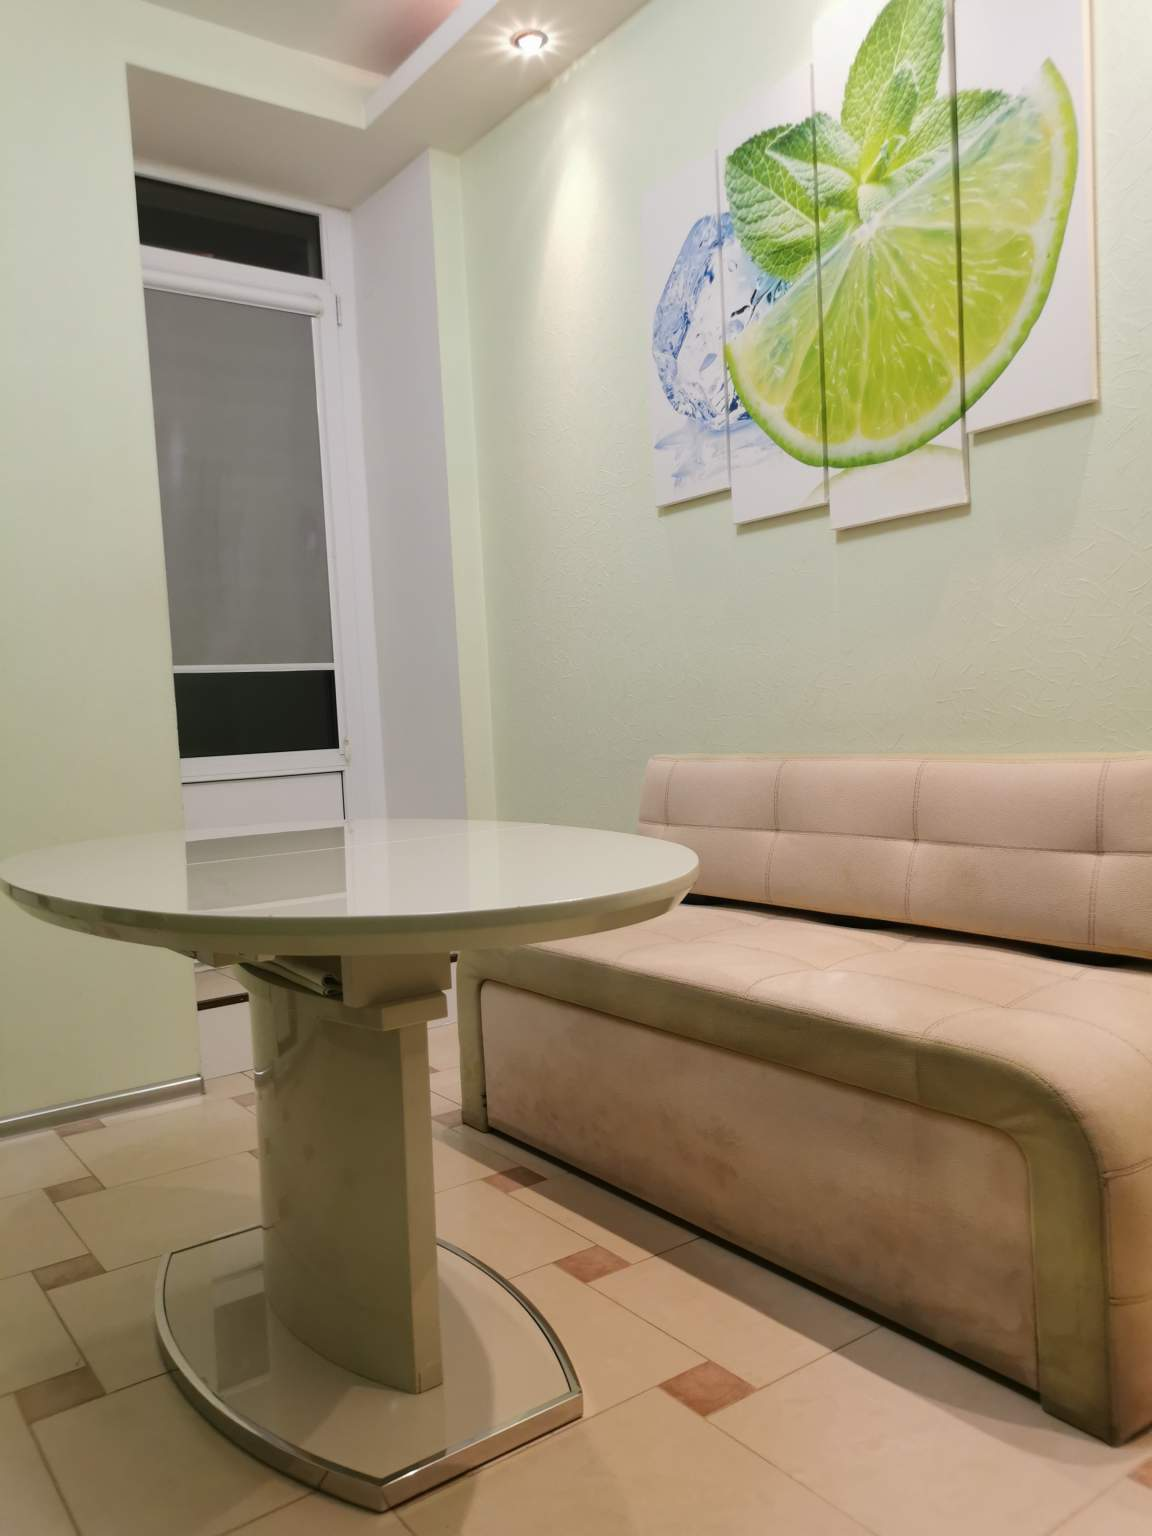 Продажа 2-комнатной квартиры, Санкт-Петербург, Искровский,  д.22